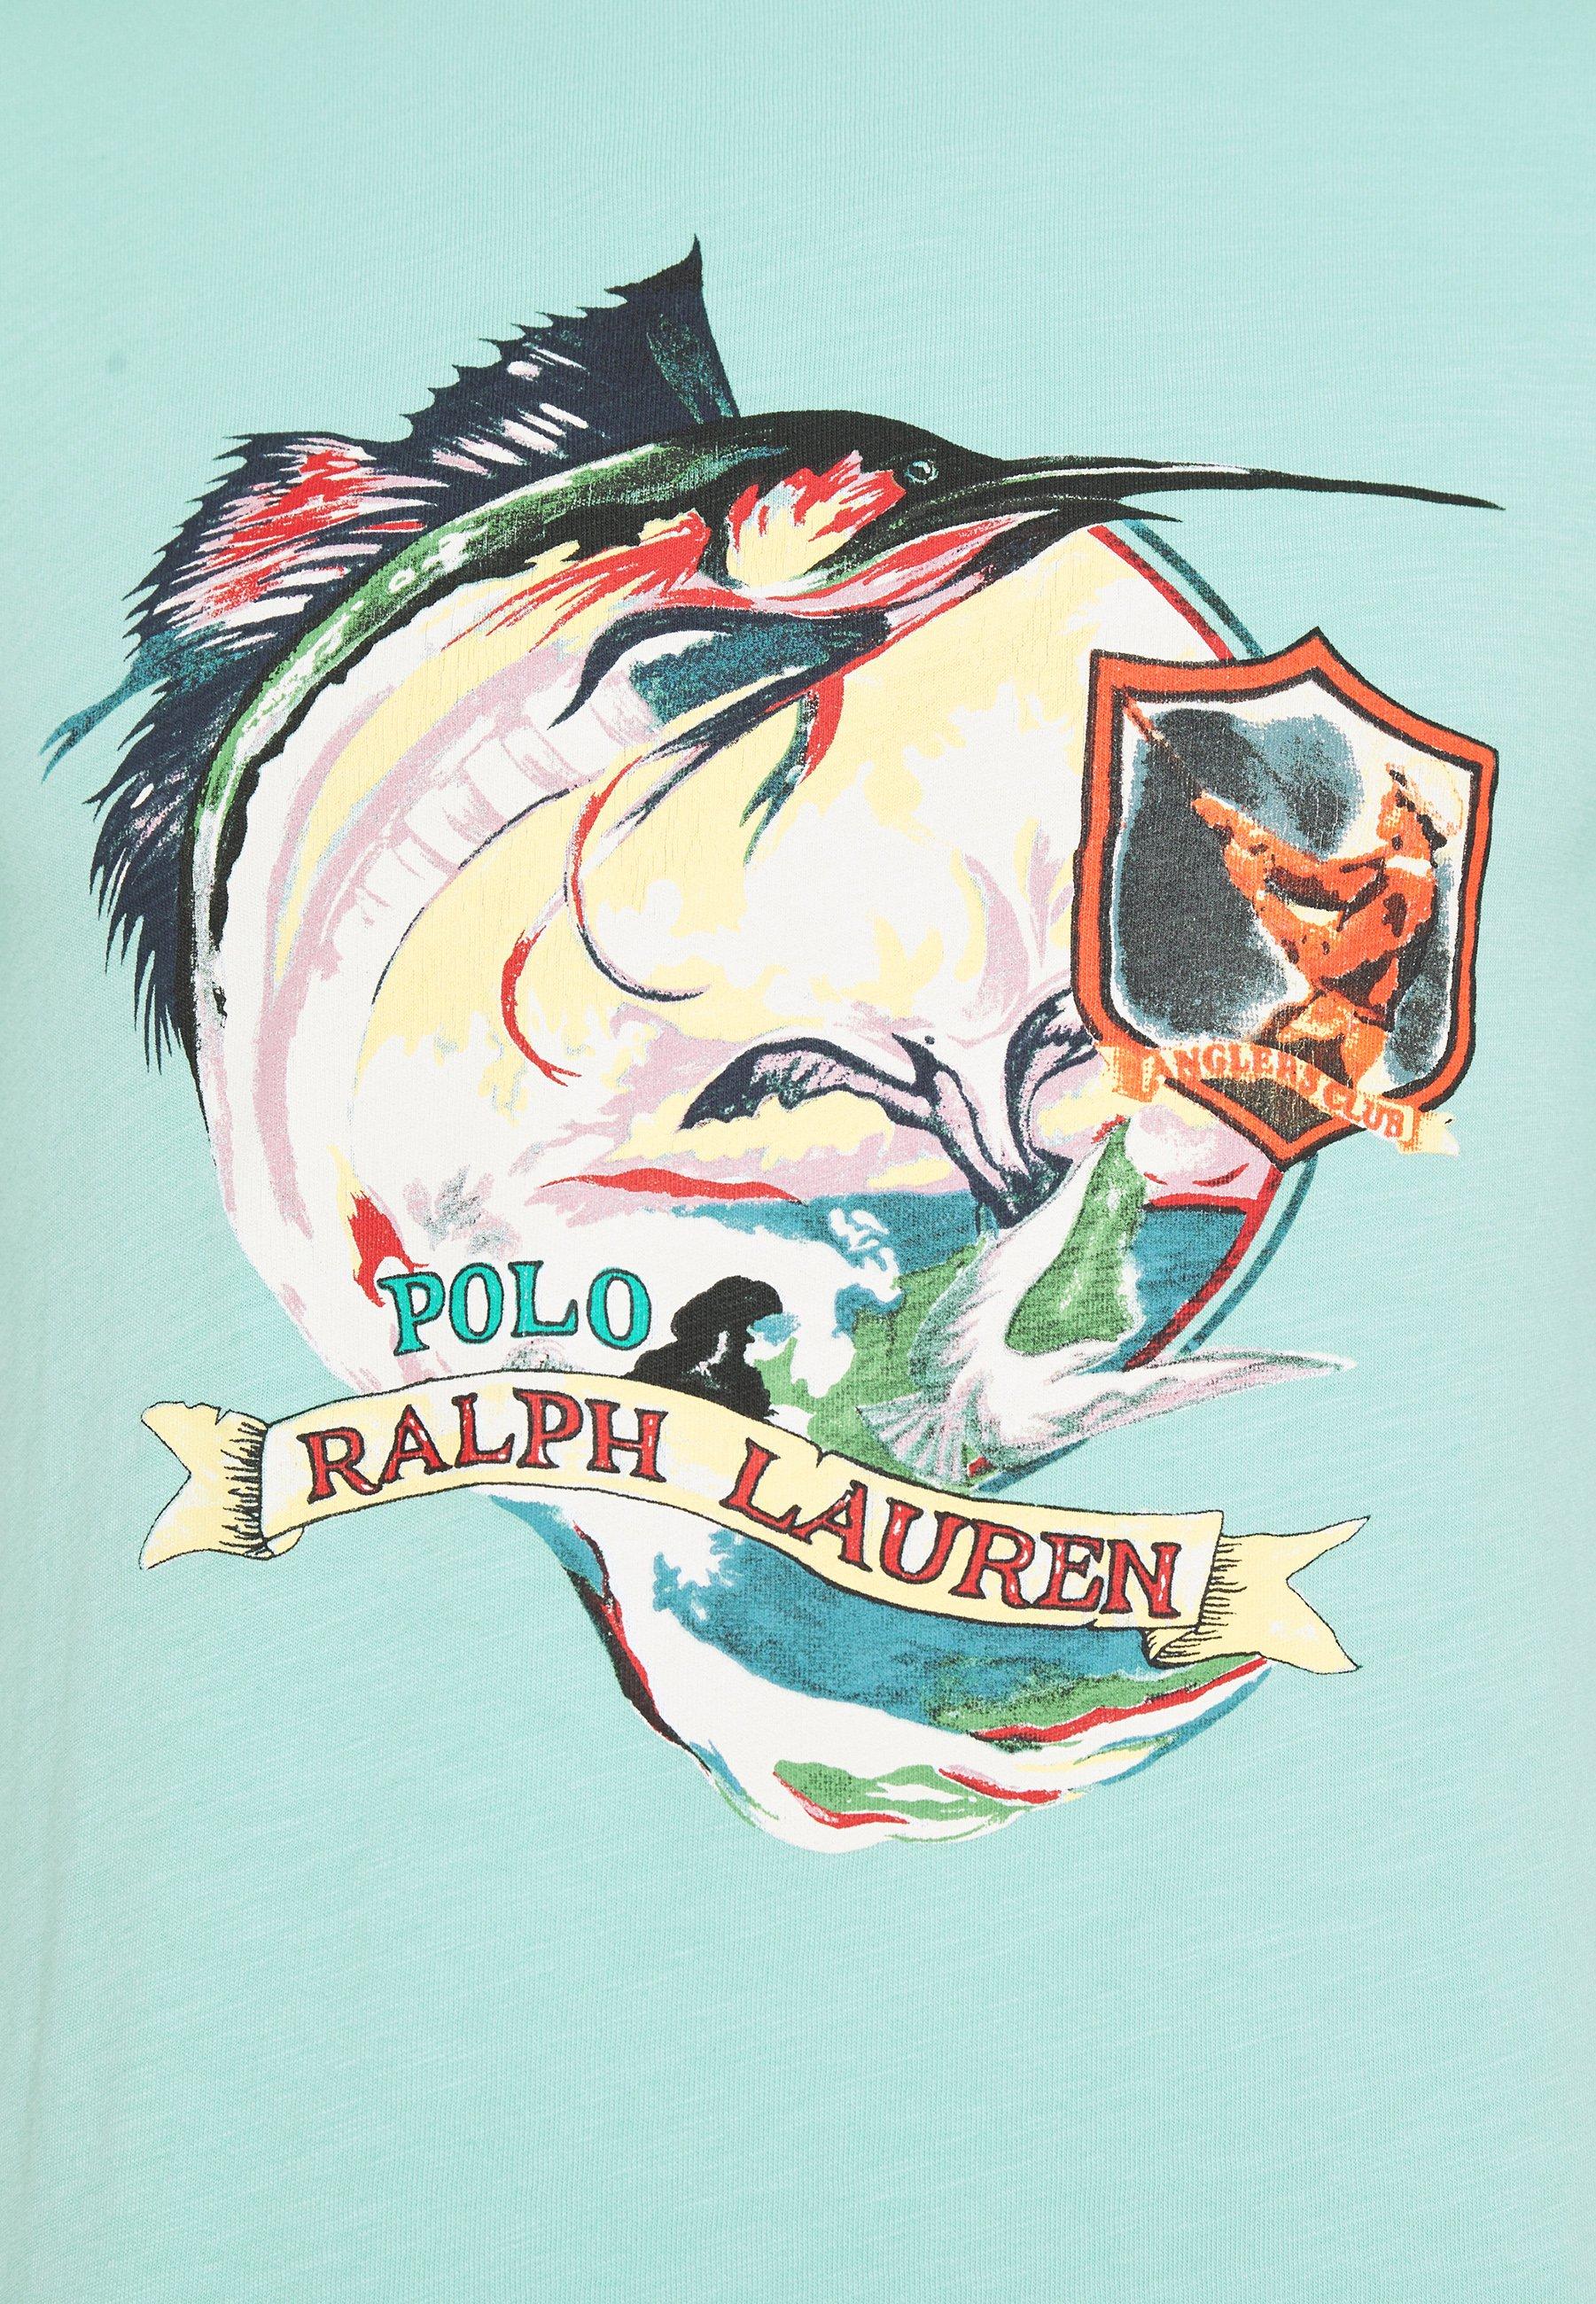 Polo Ralph Lauren T-shirt Imprimé - Bayside Green